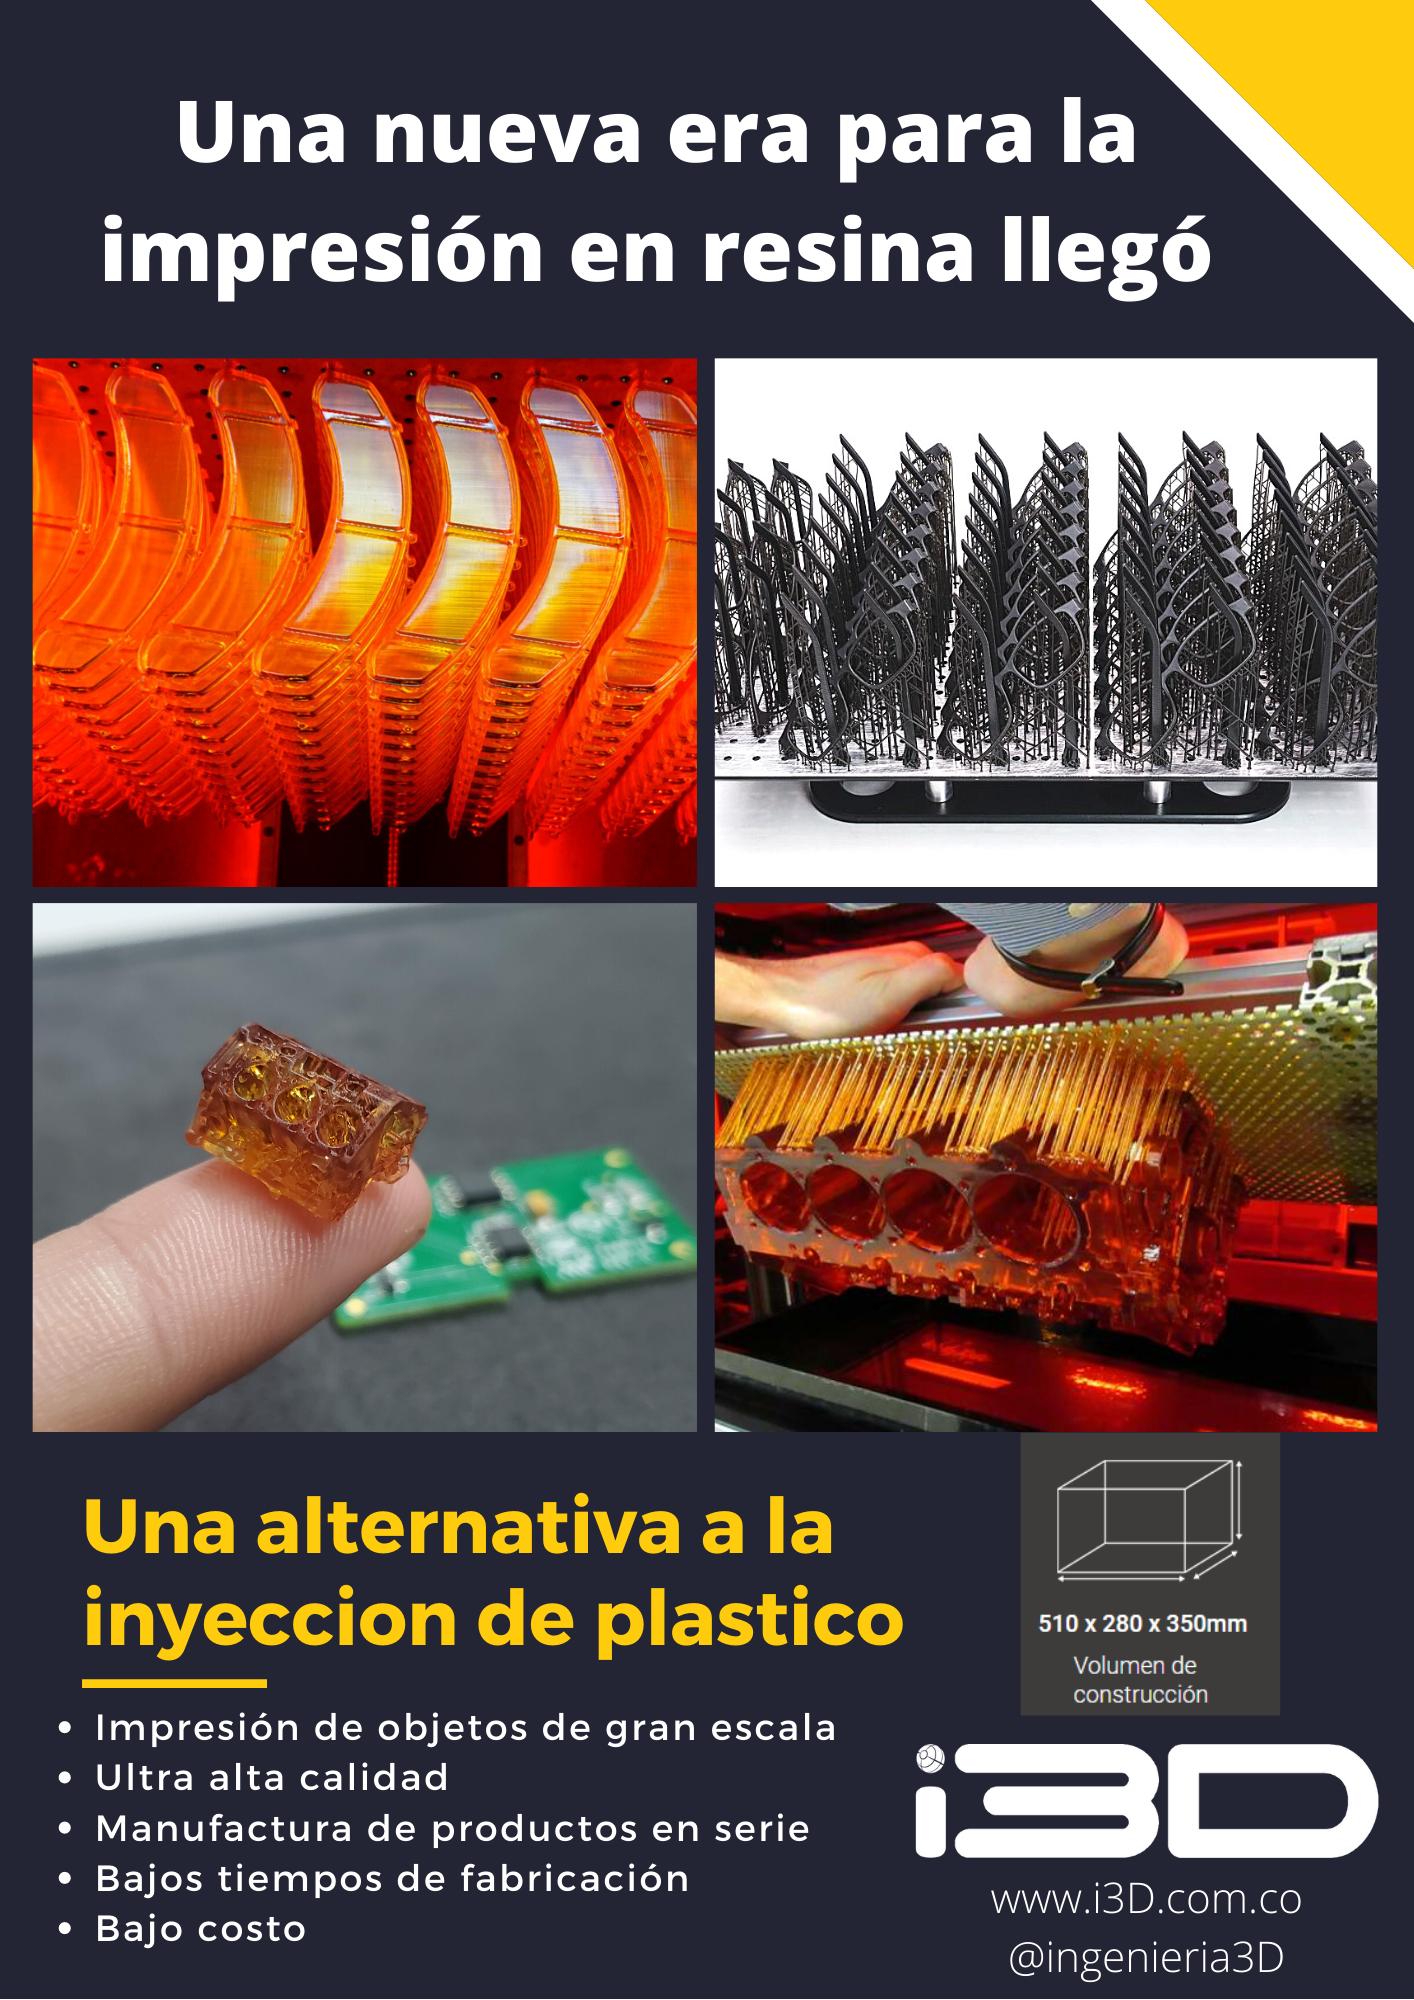 Una nueva era para la impresión en resina empezo (2).png